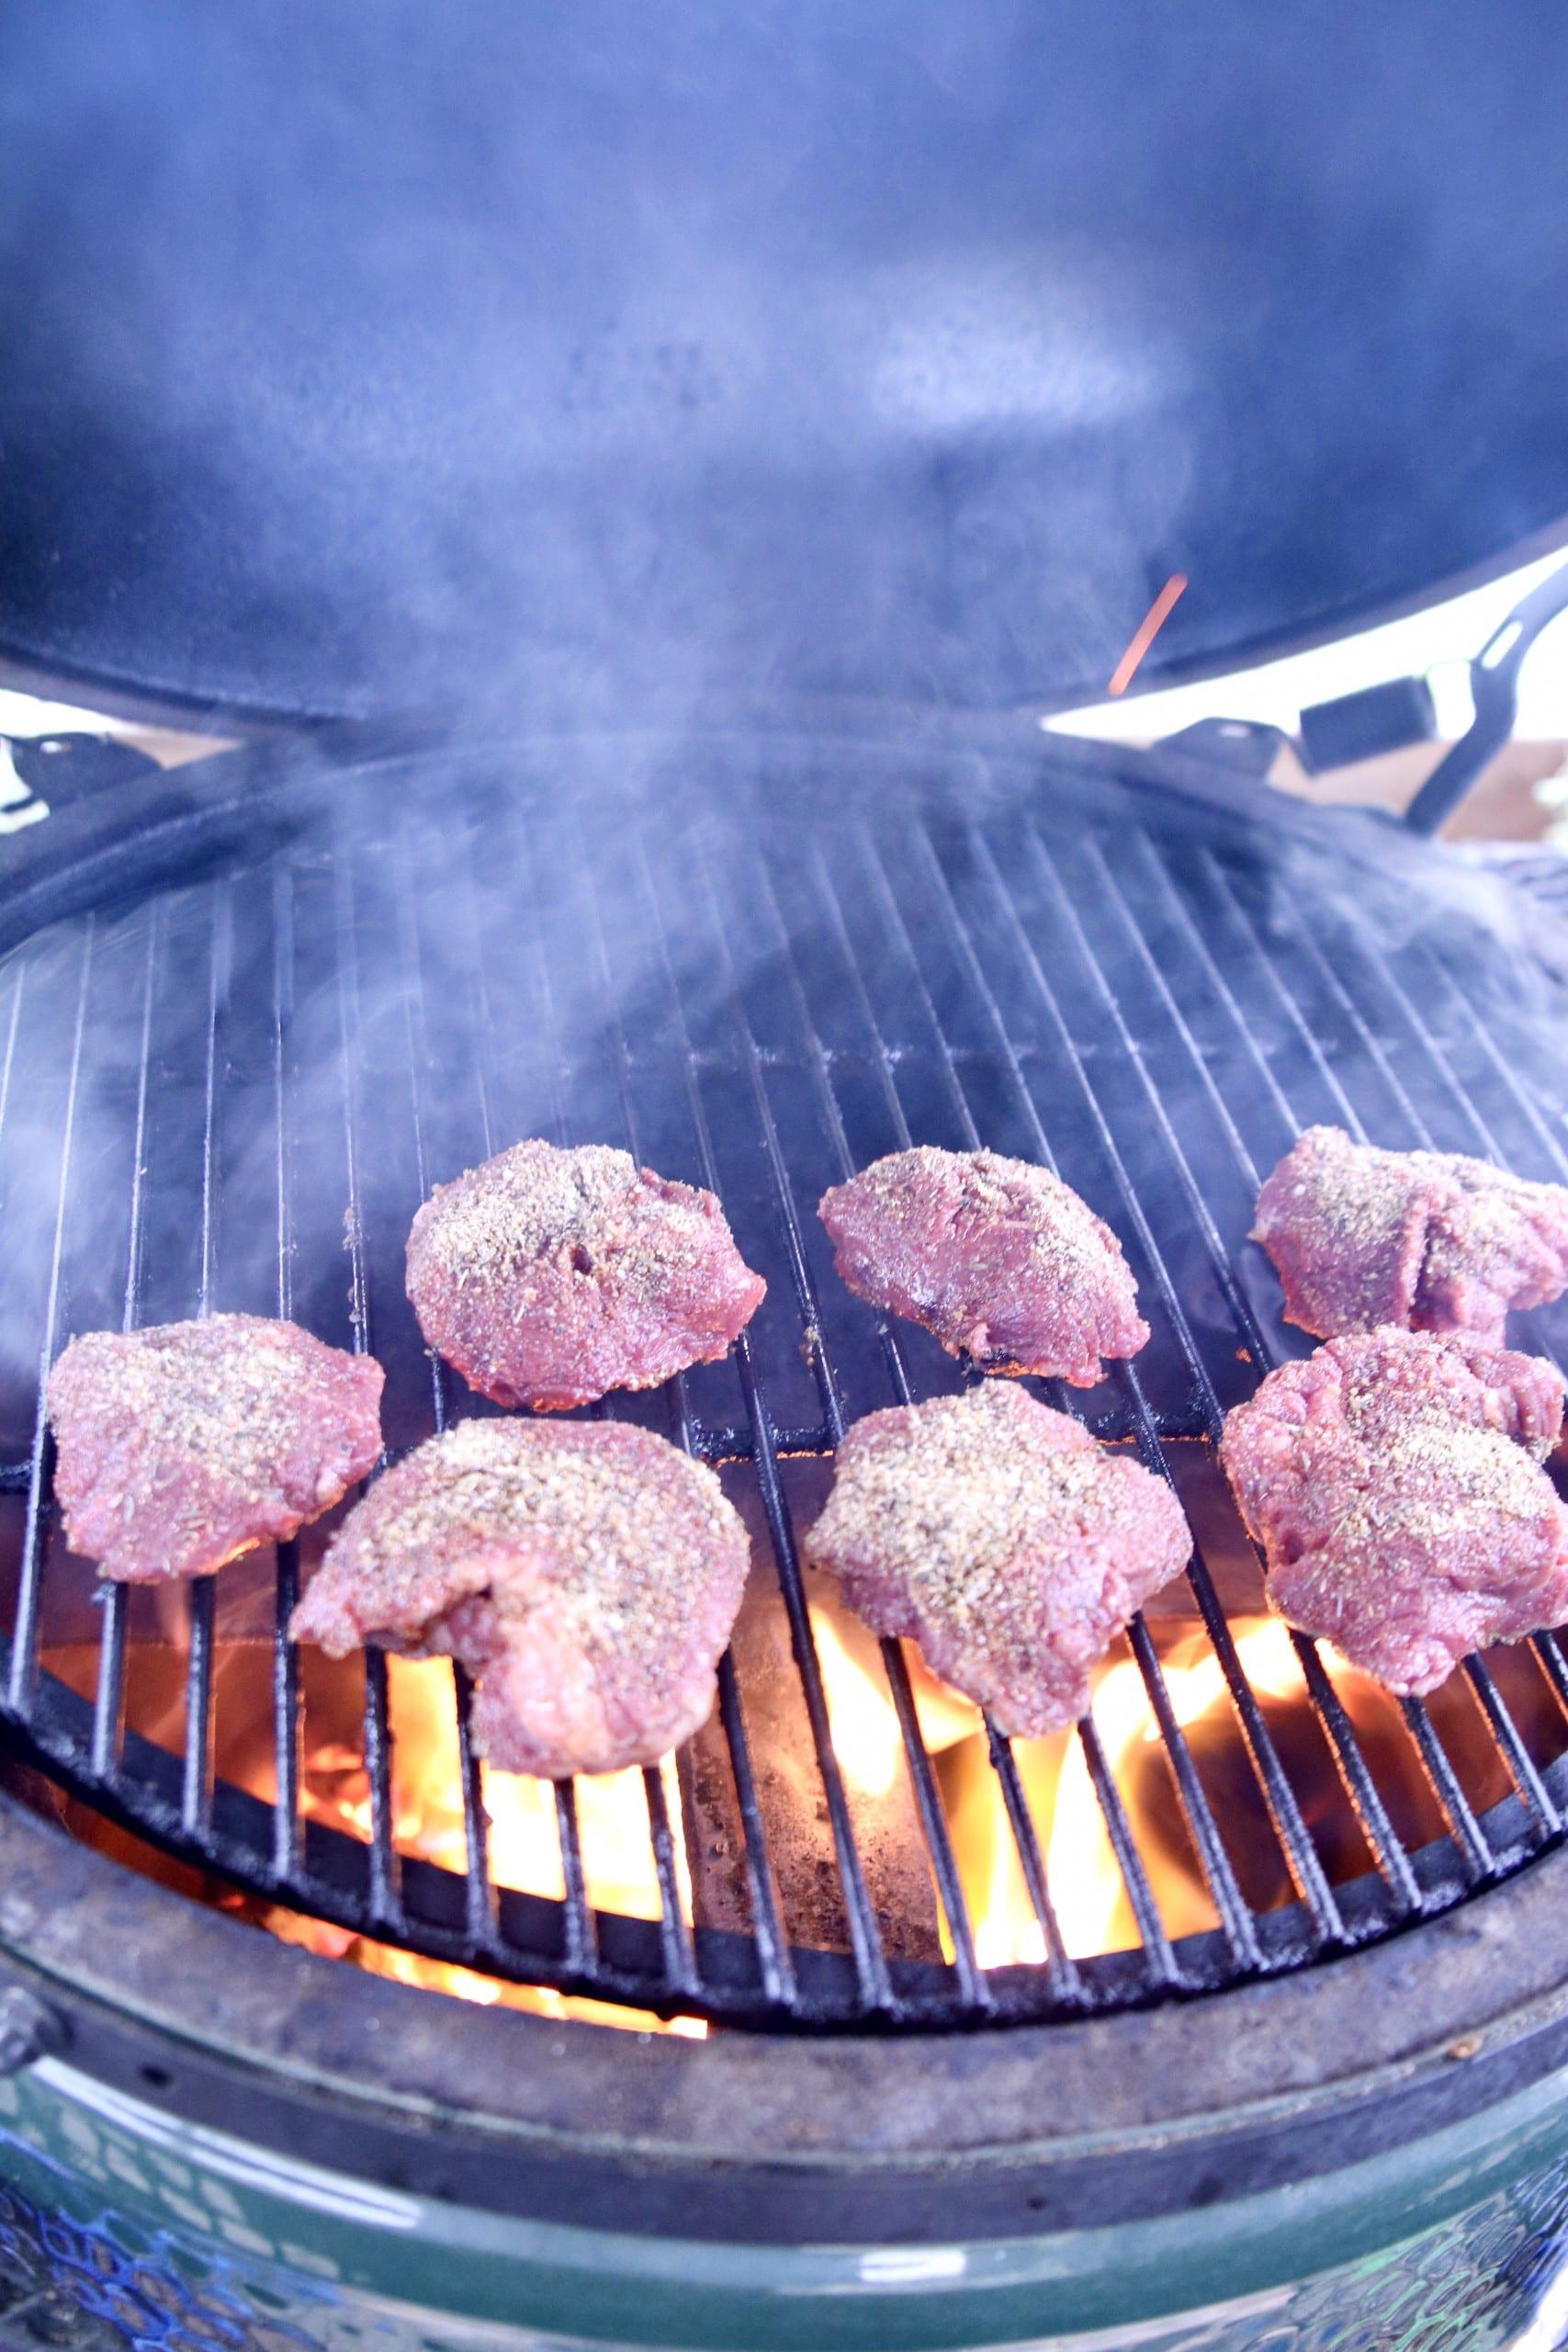 tenderloin steaks on a grill